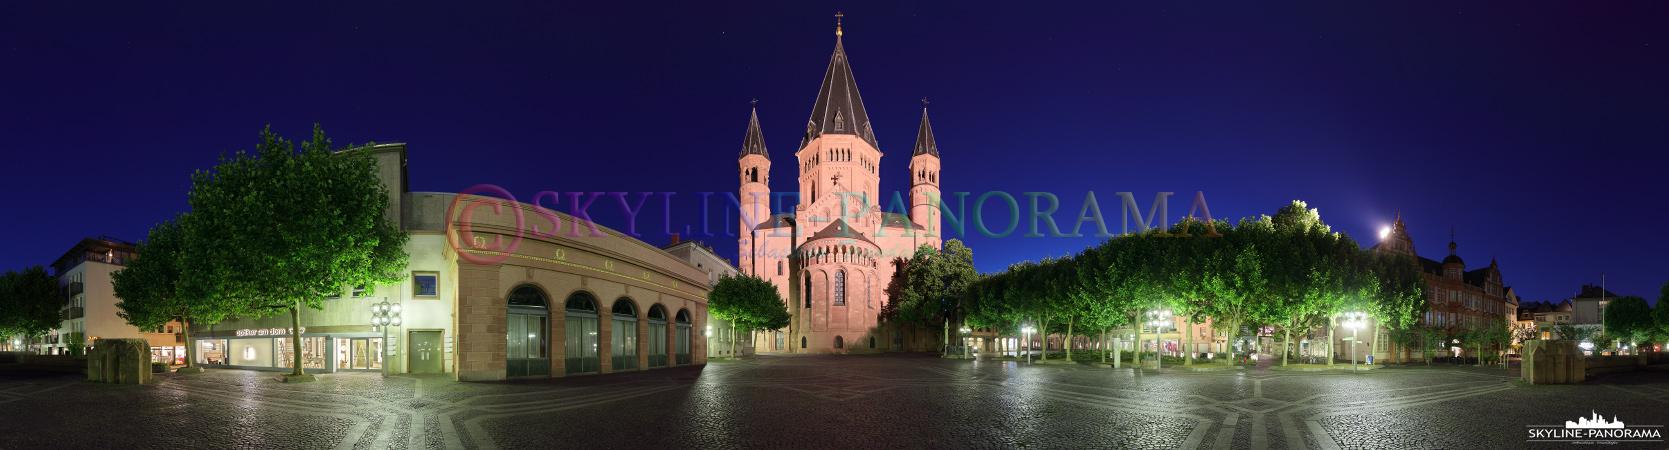 Panorama Mainz - Der Dom von Mainz vom Liebfrauenplatz aus als 360 Grad Panorama dargestellt.